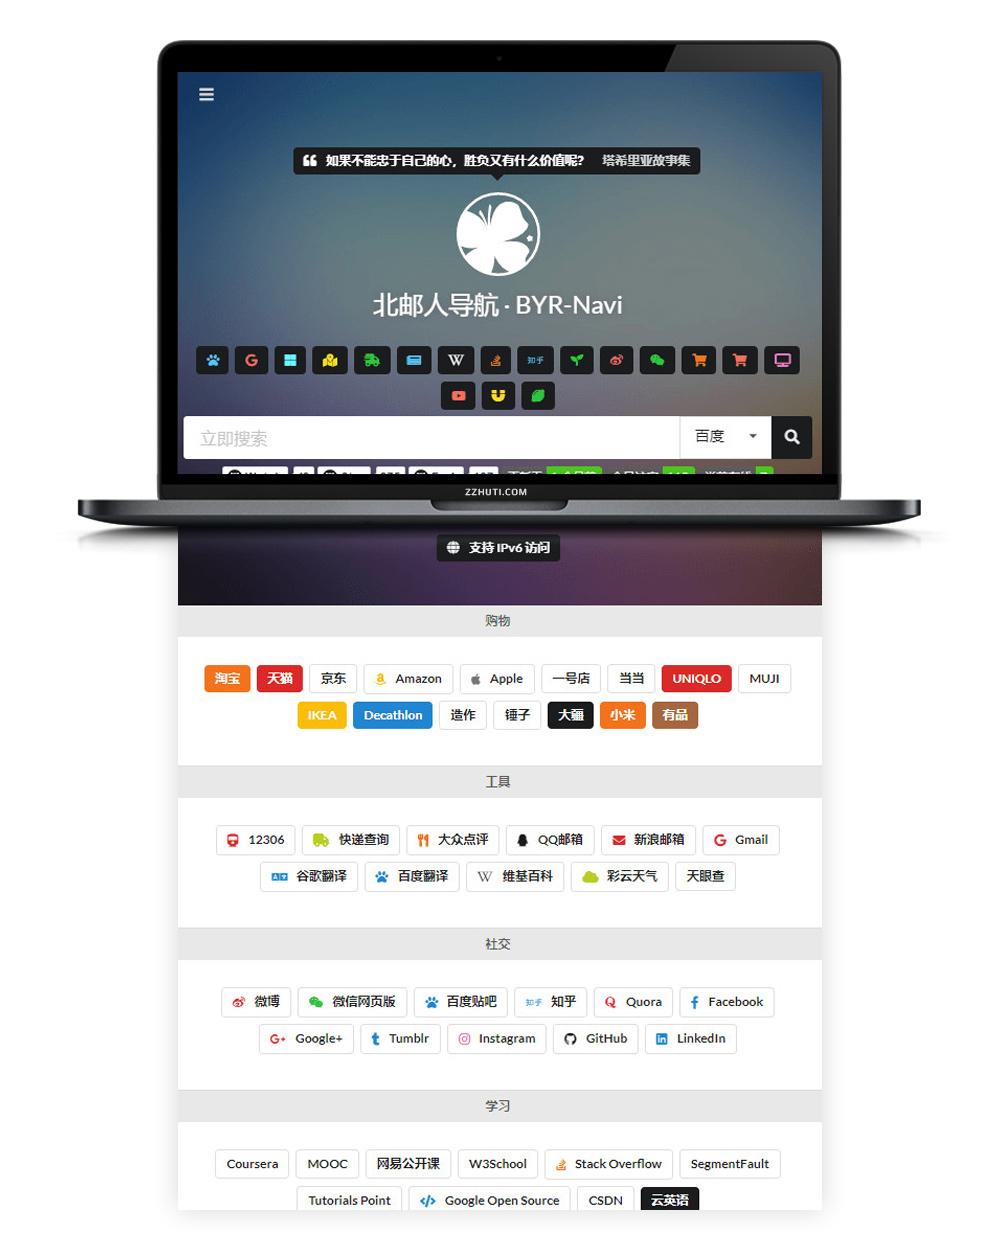 【Fomantic UI Web】响应式轻量级北邮人网址导航源码-蓝汇源码